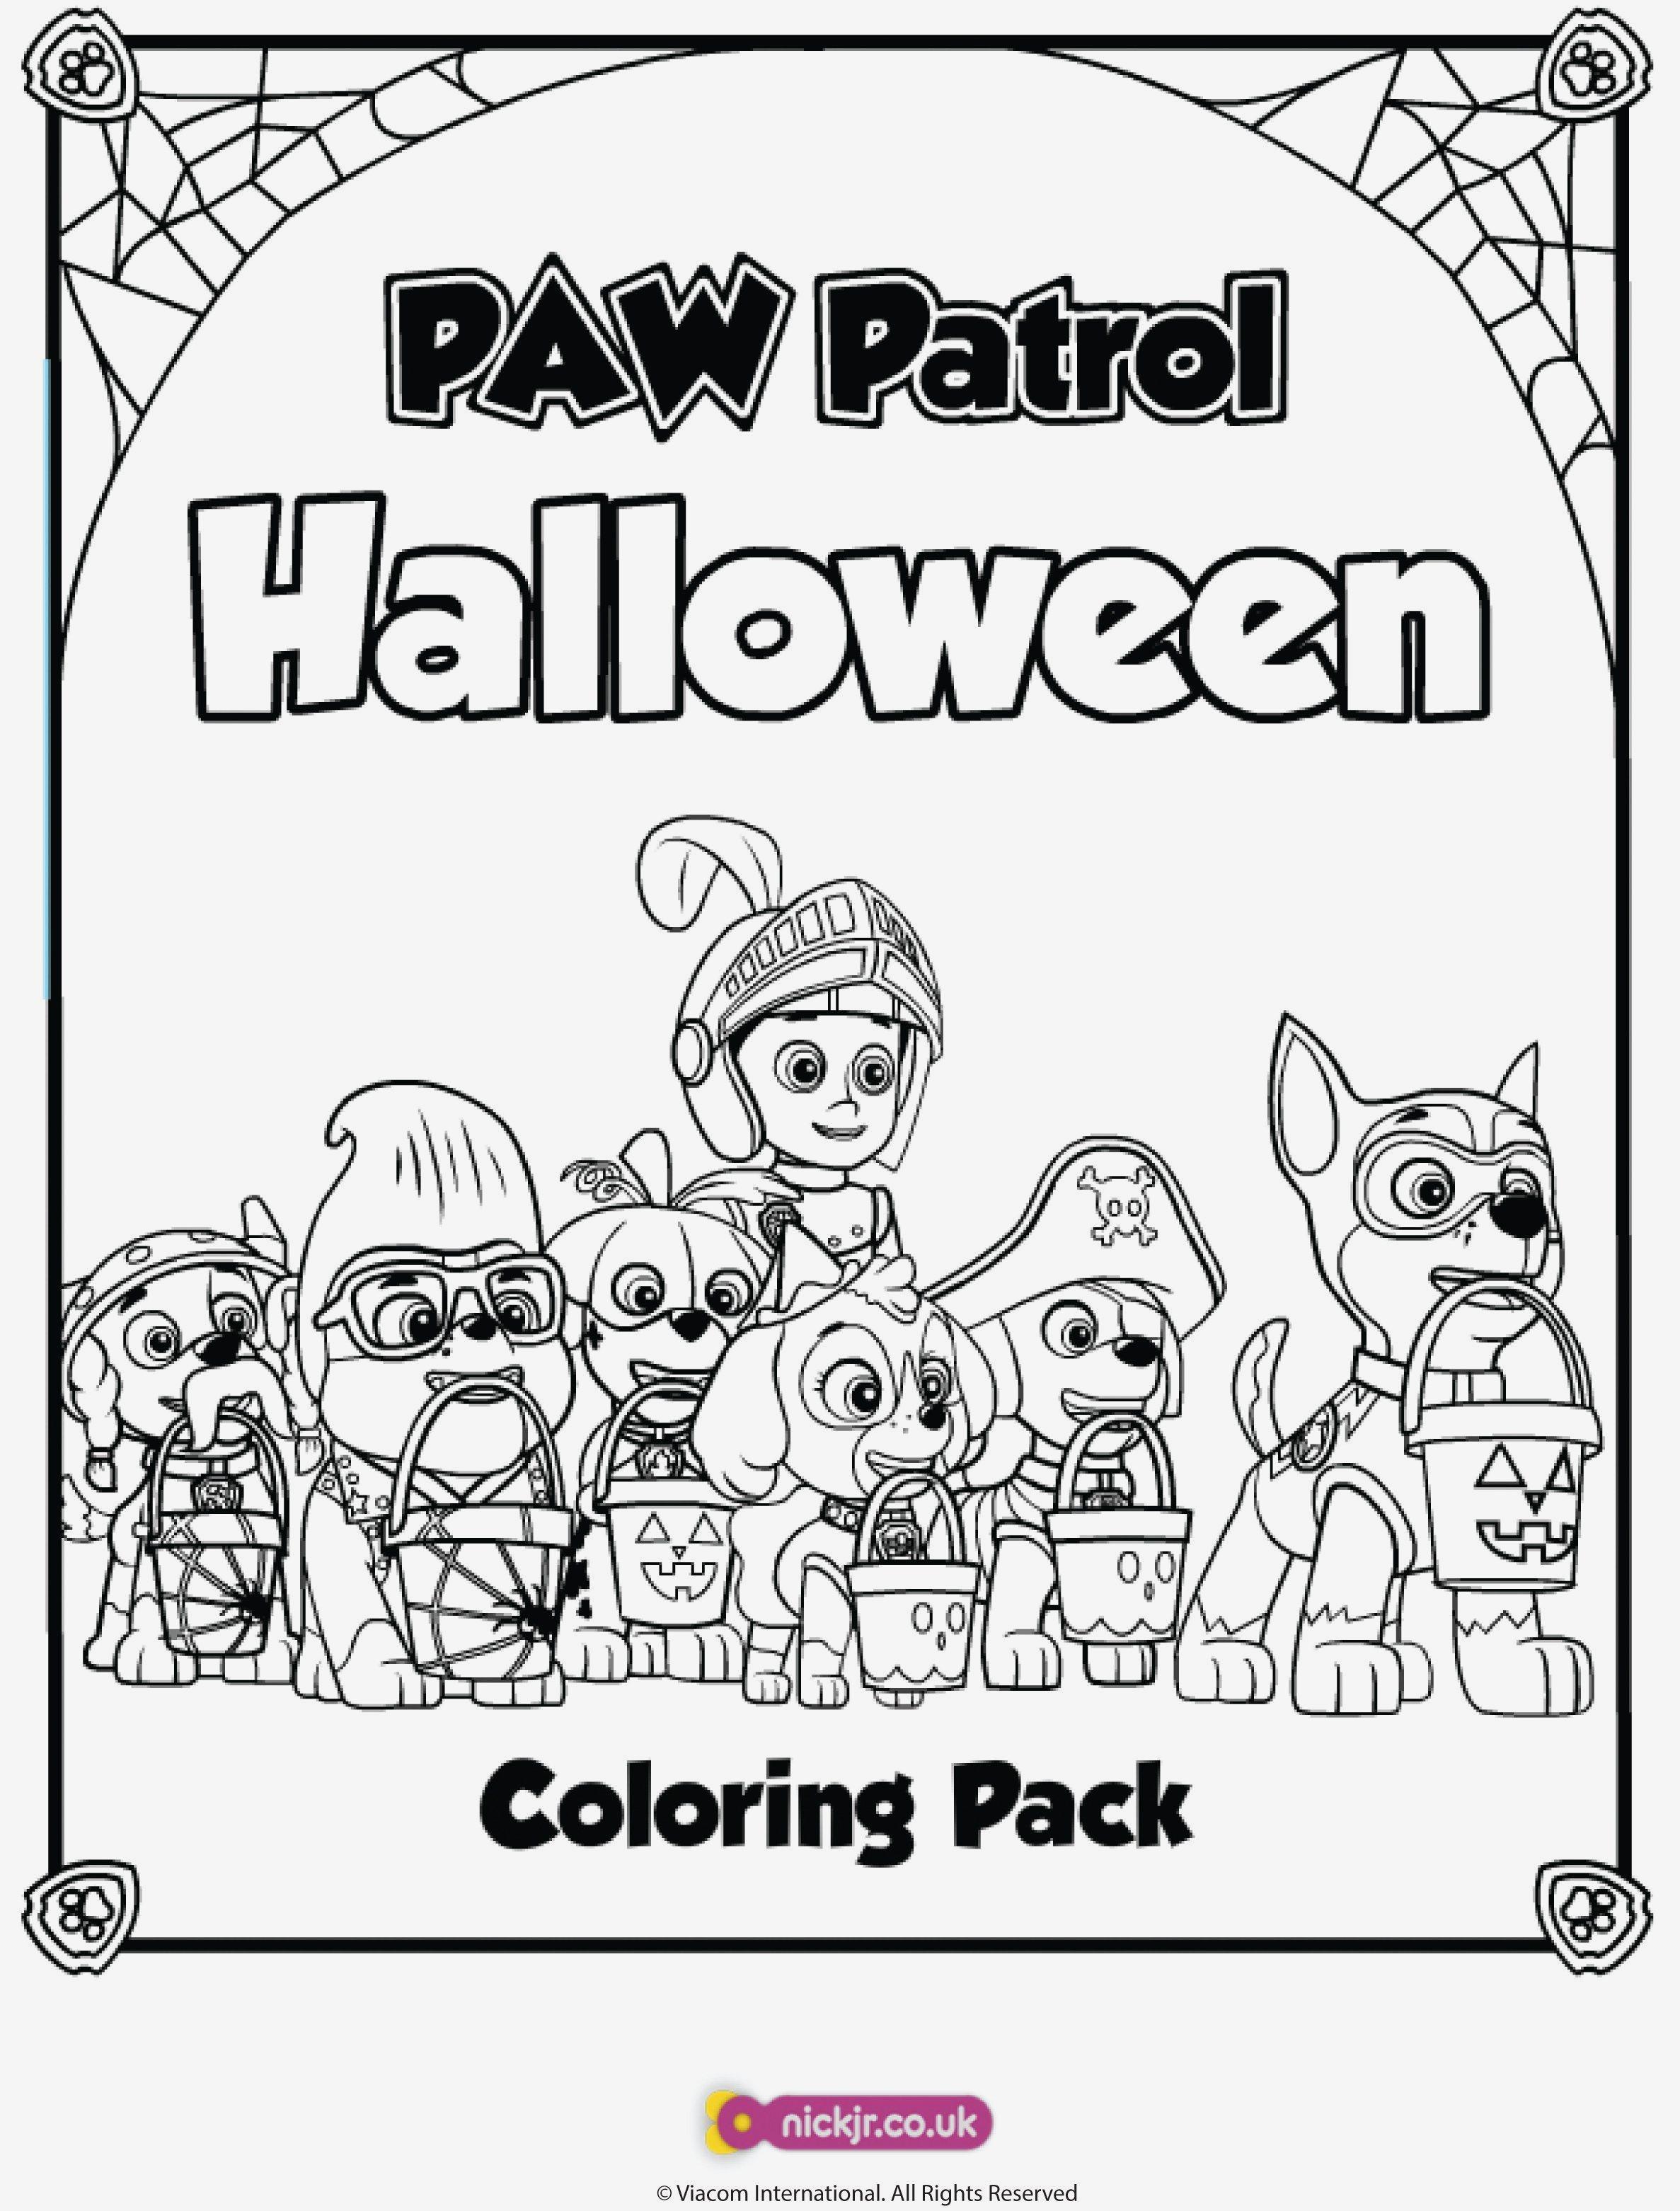 Ausmalbilder Paw Patrol Das Beste Von Eine Sammlung Von Färbung Bilder Gratis Malvorlagen Paw Patrol Bilder